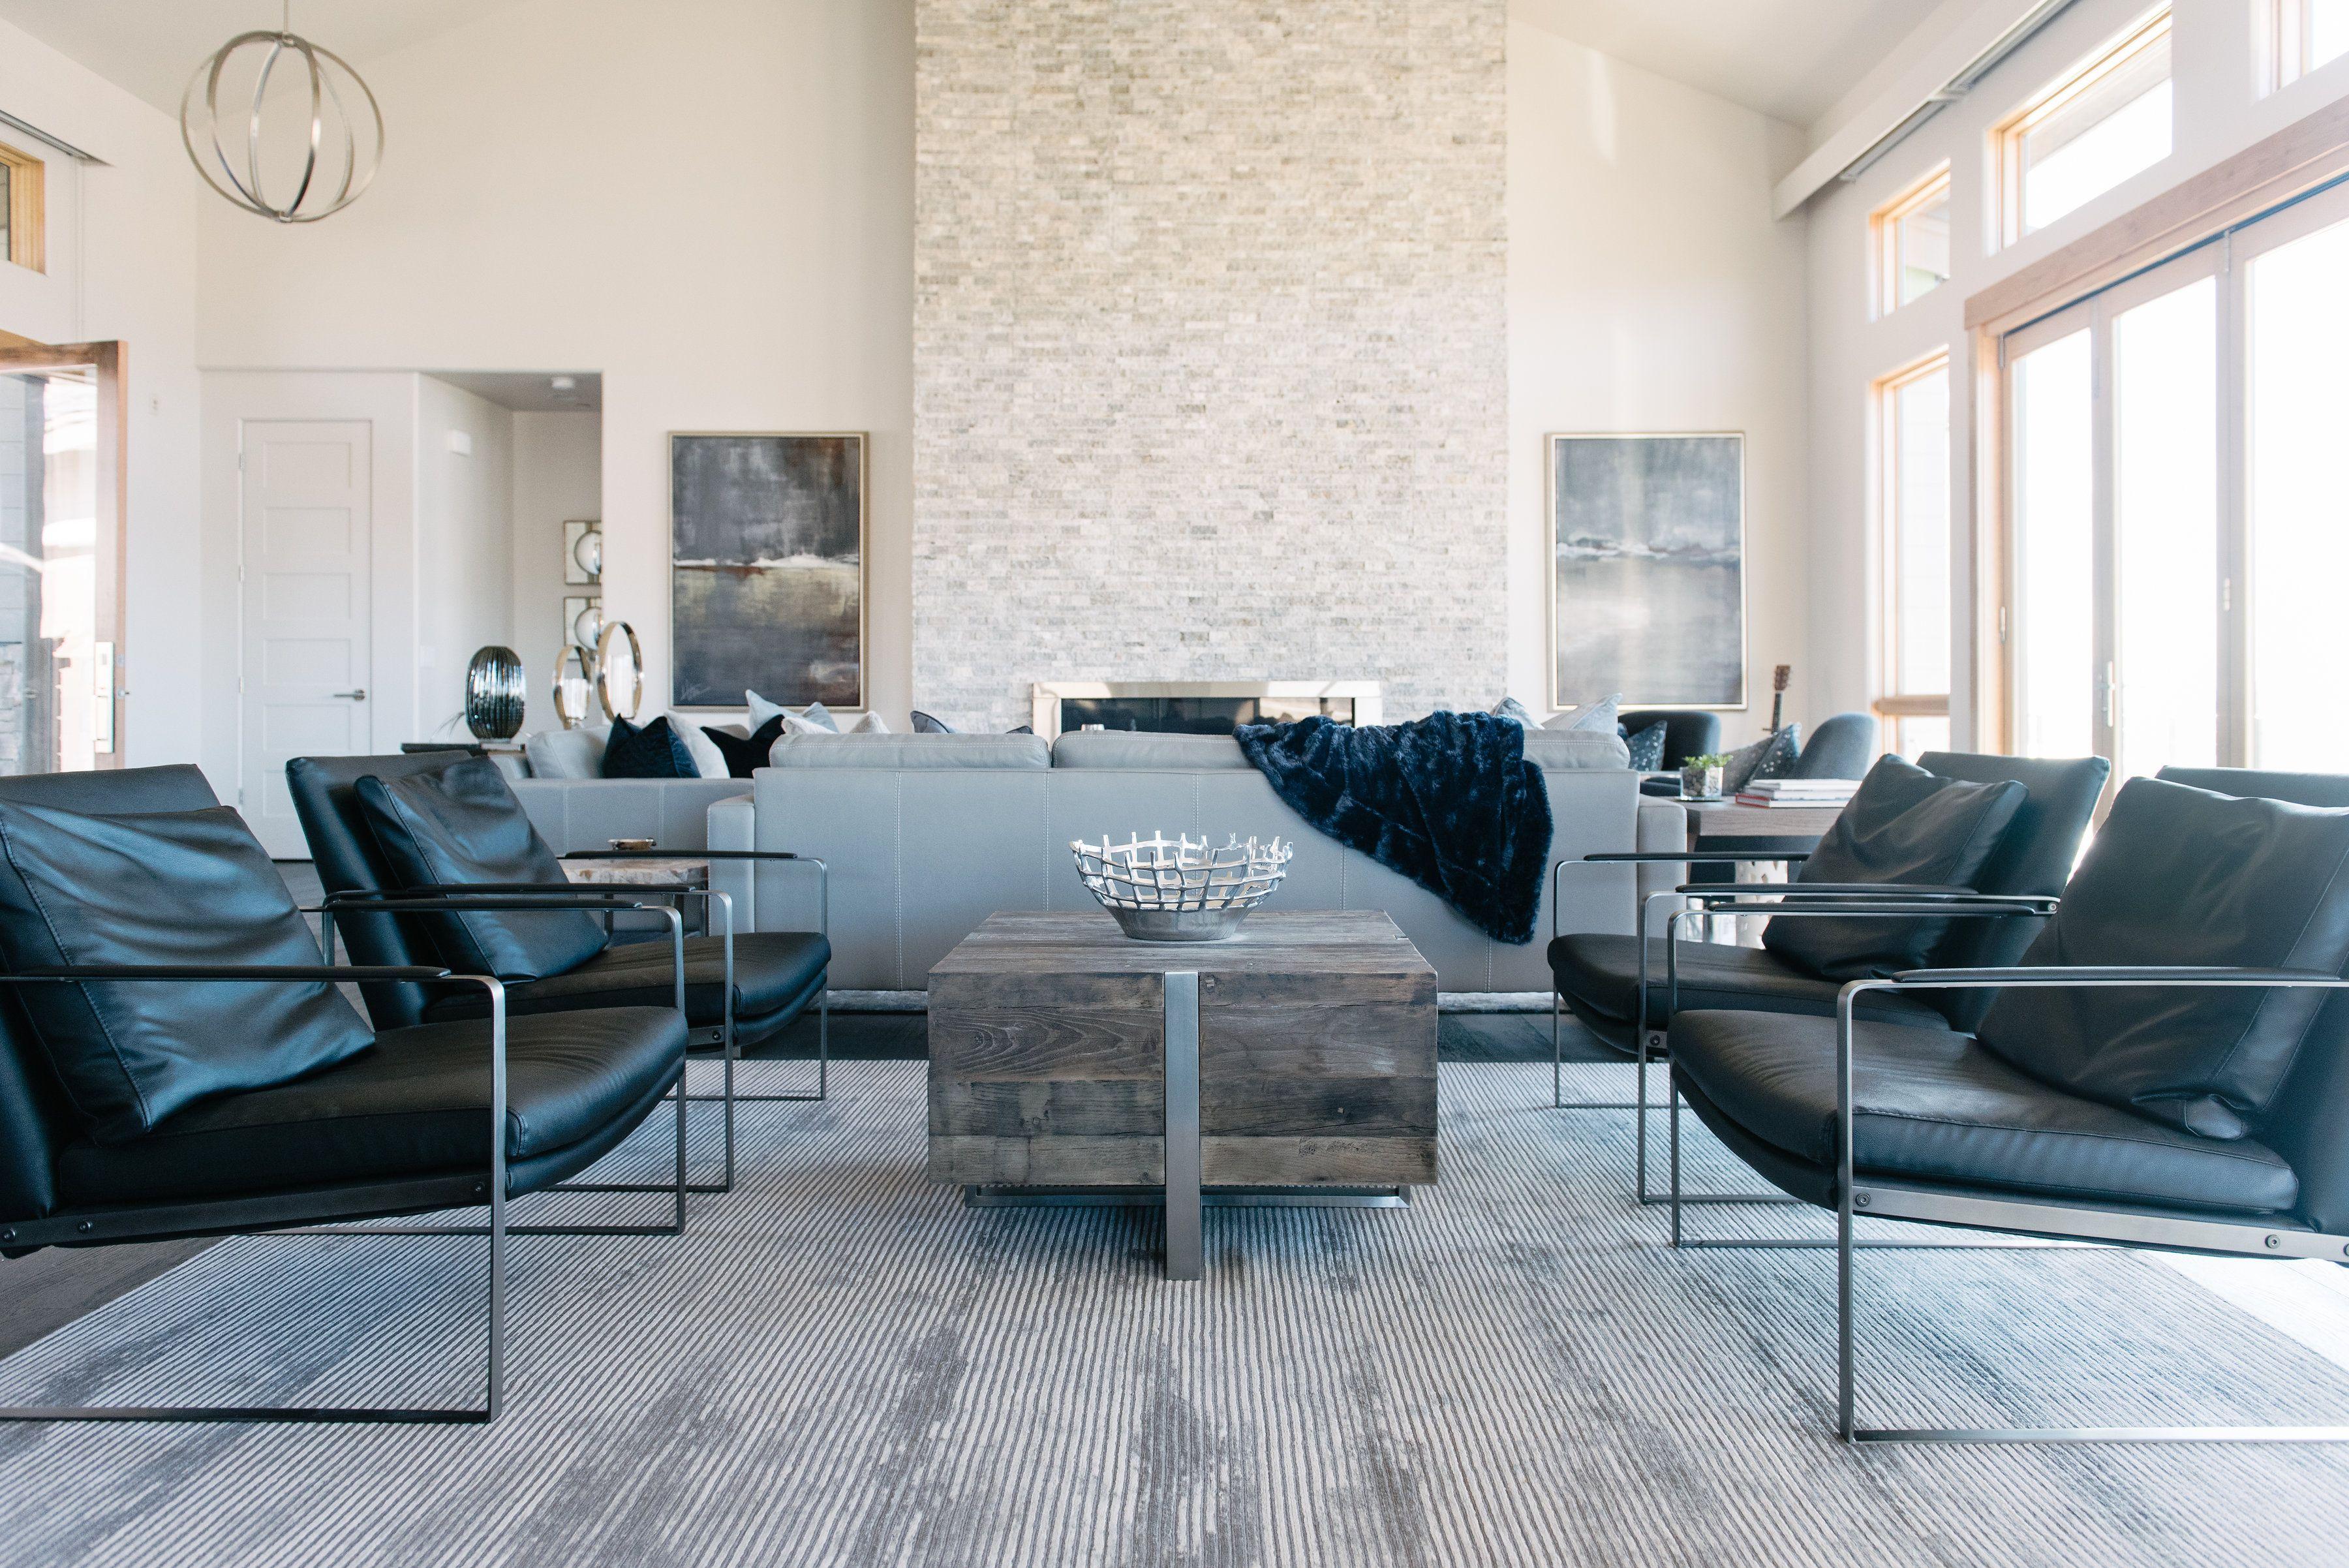 Modern mountain home living room living room ideas living room decor modern